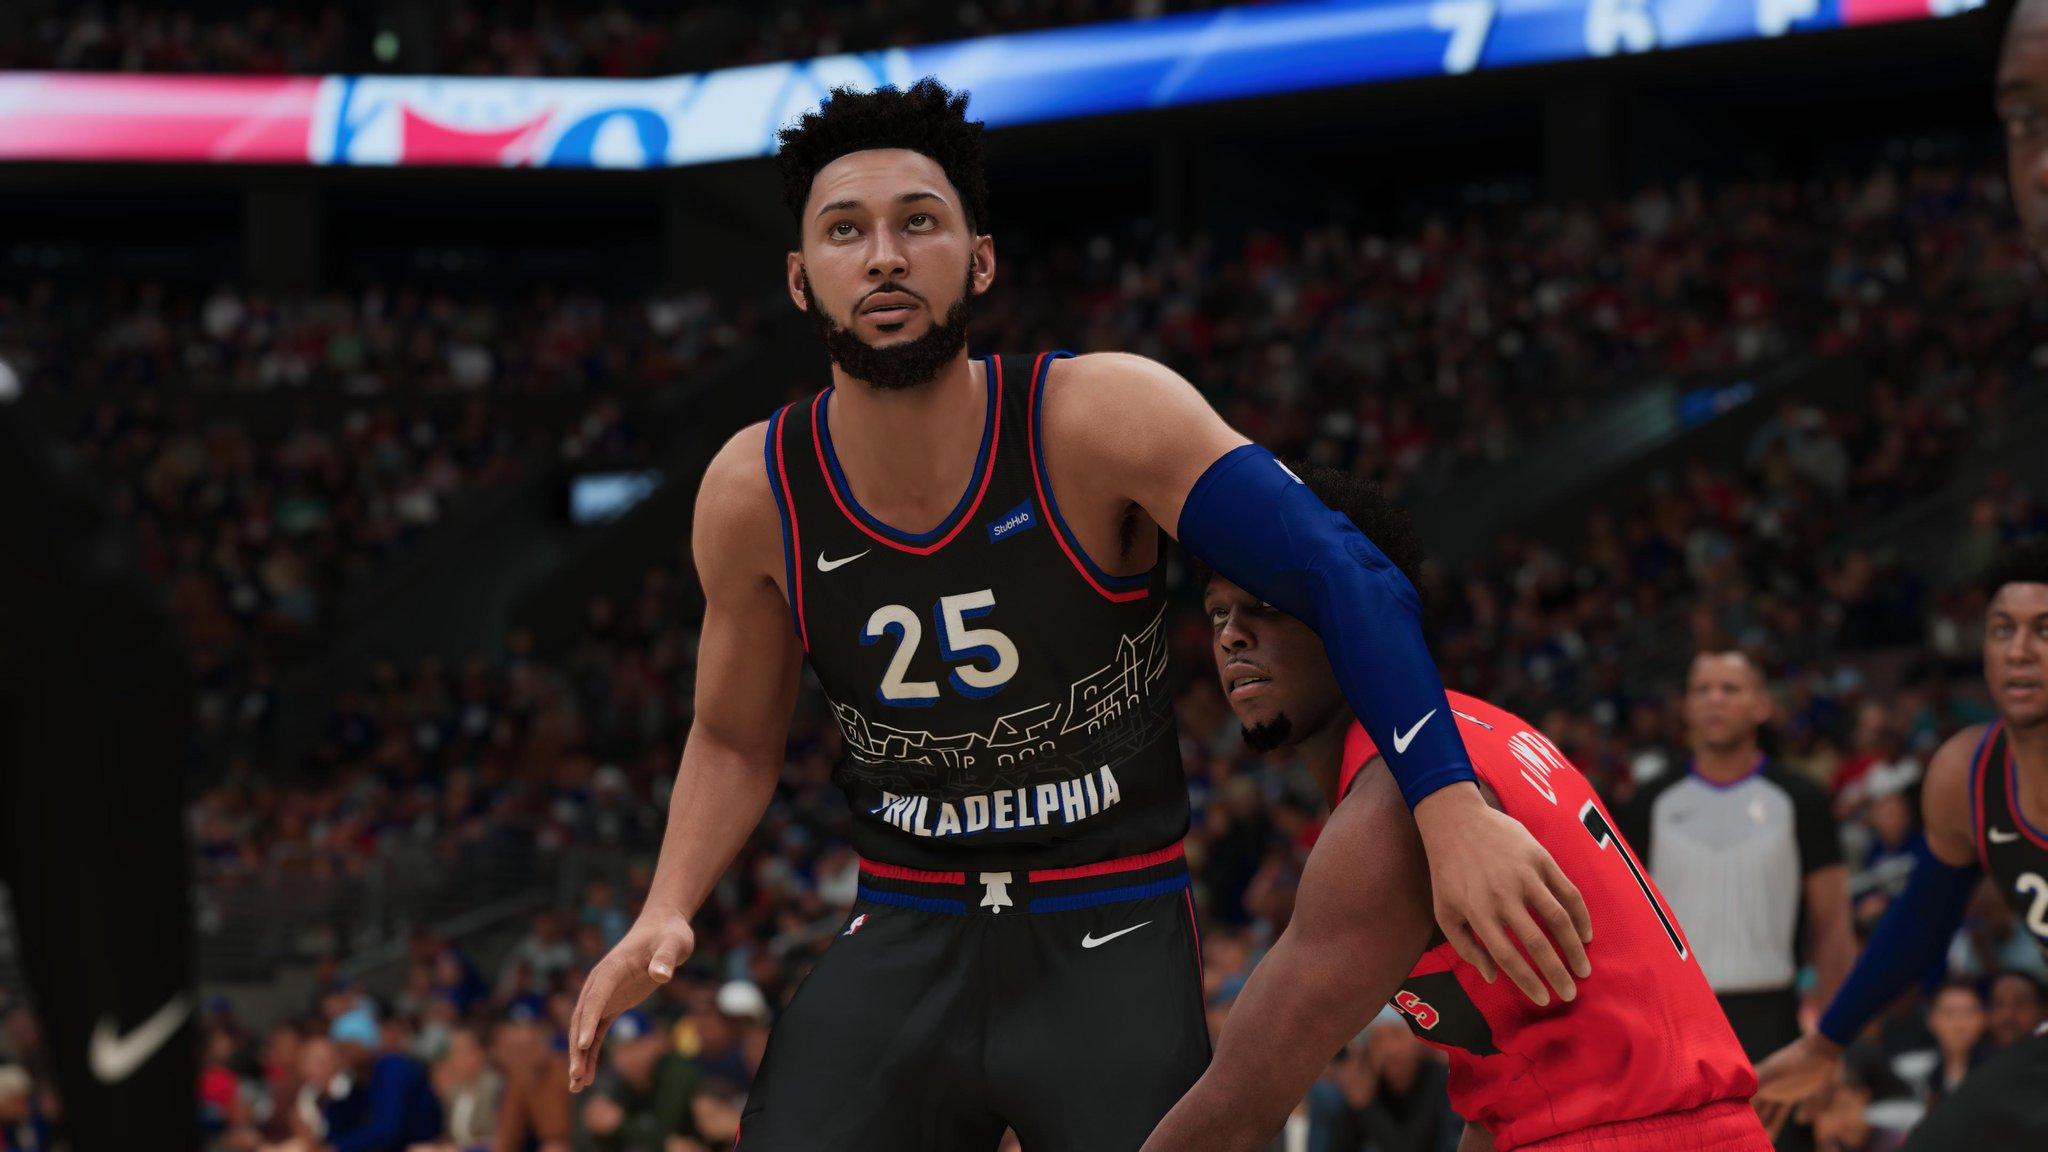 nba 2k21 updated ben simmons player likeness